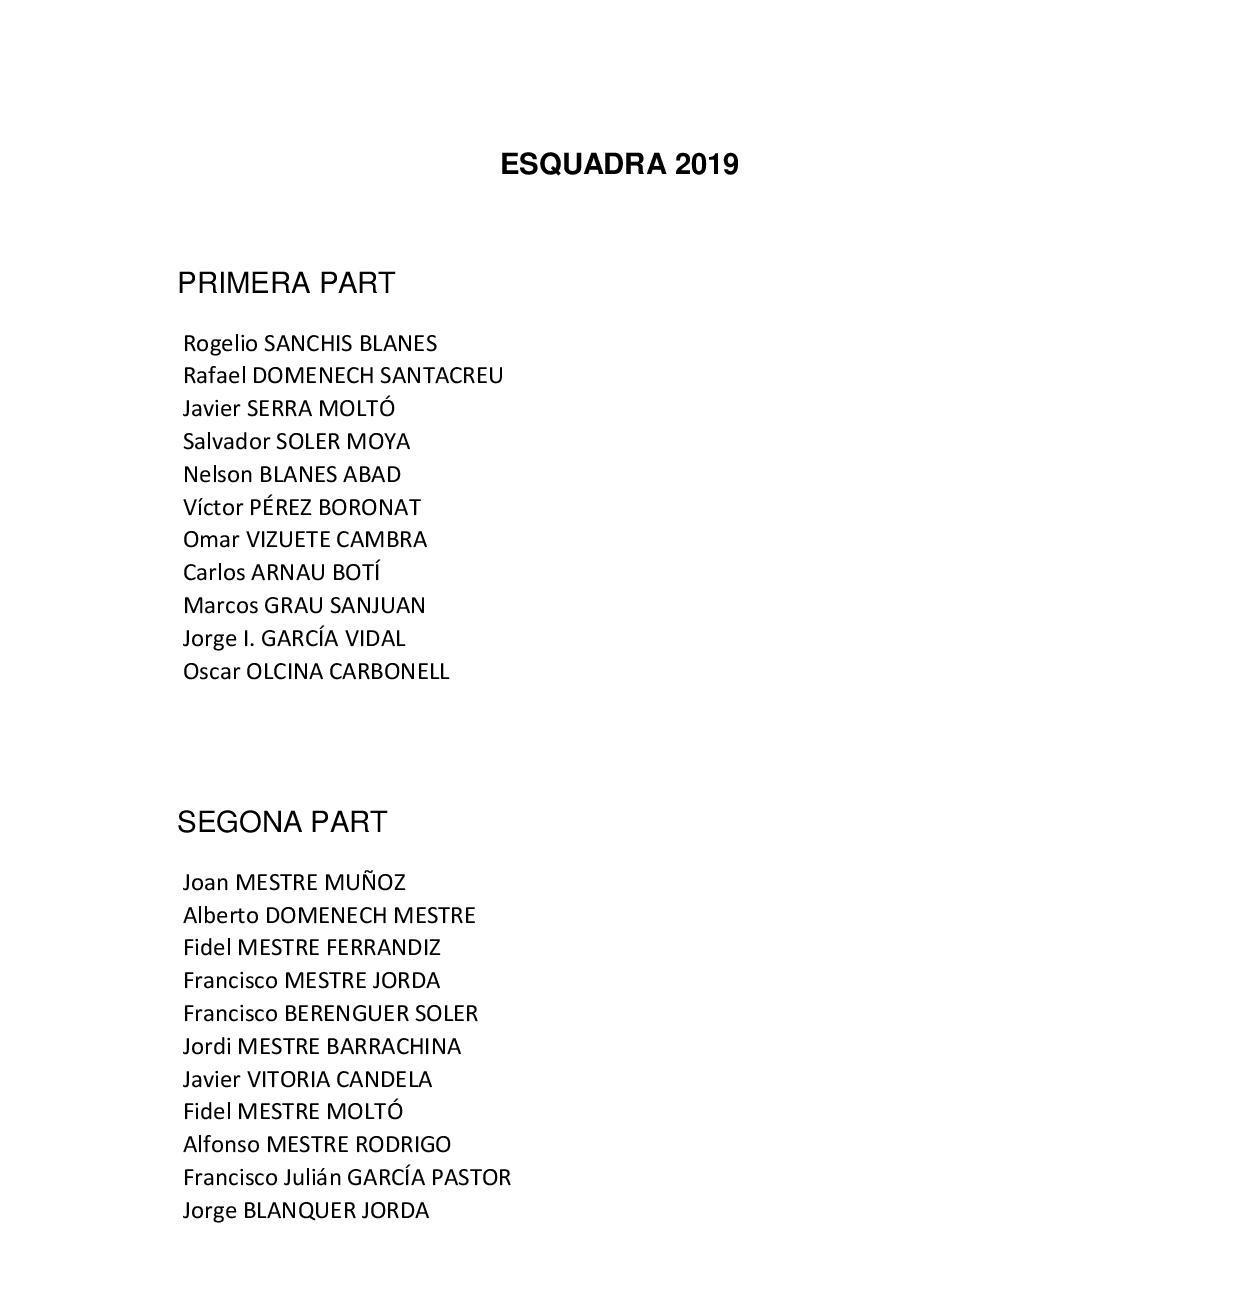 Esquadra 2019